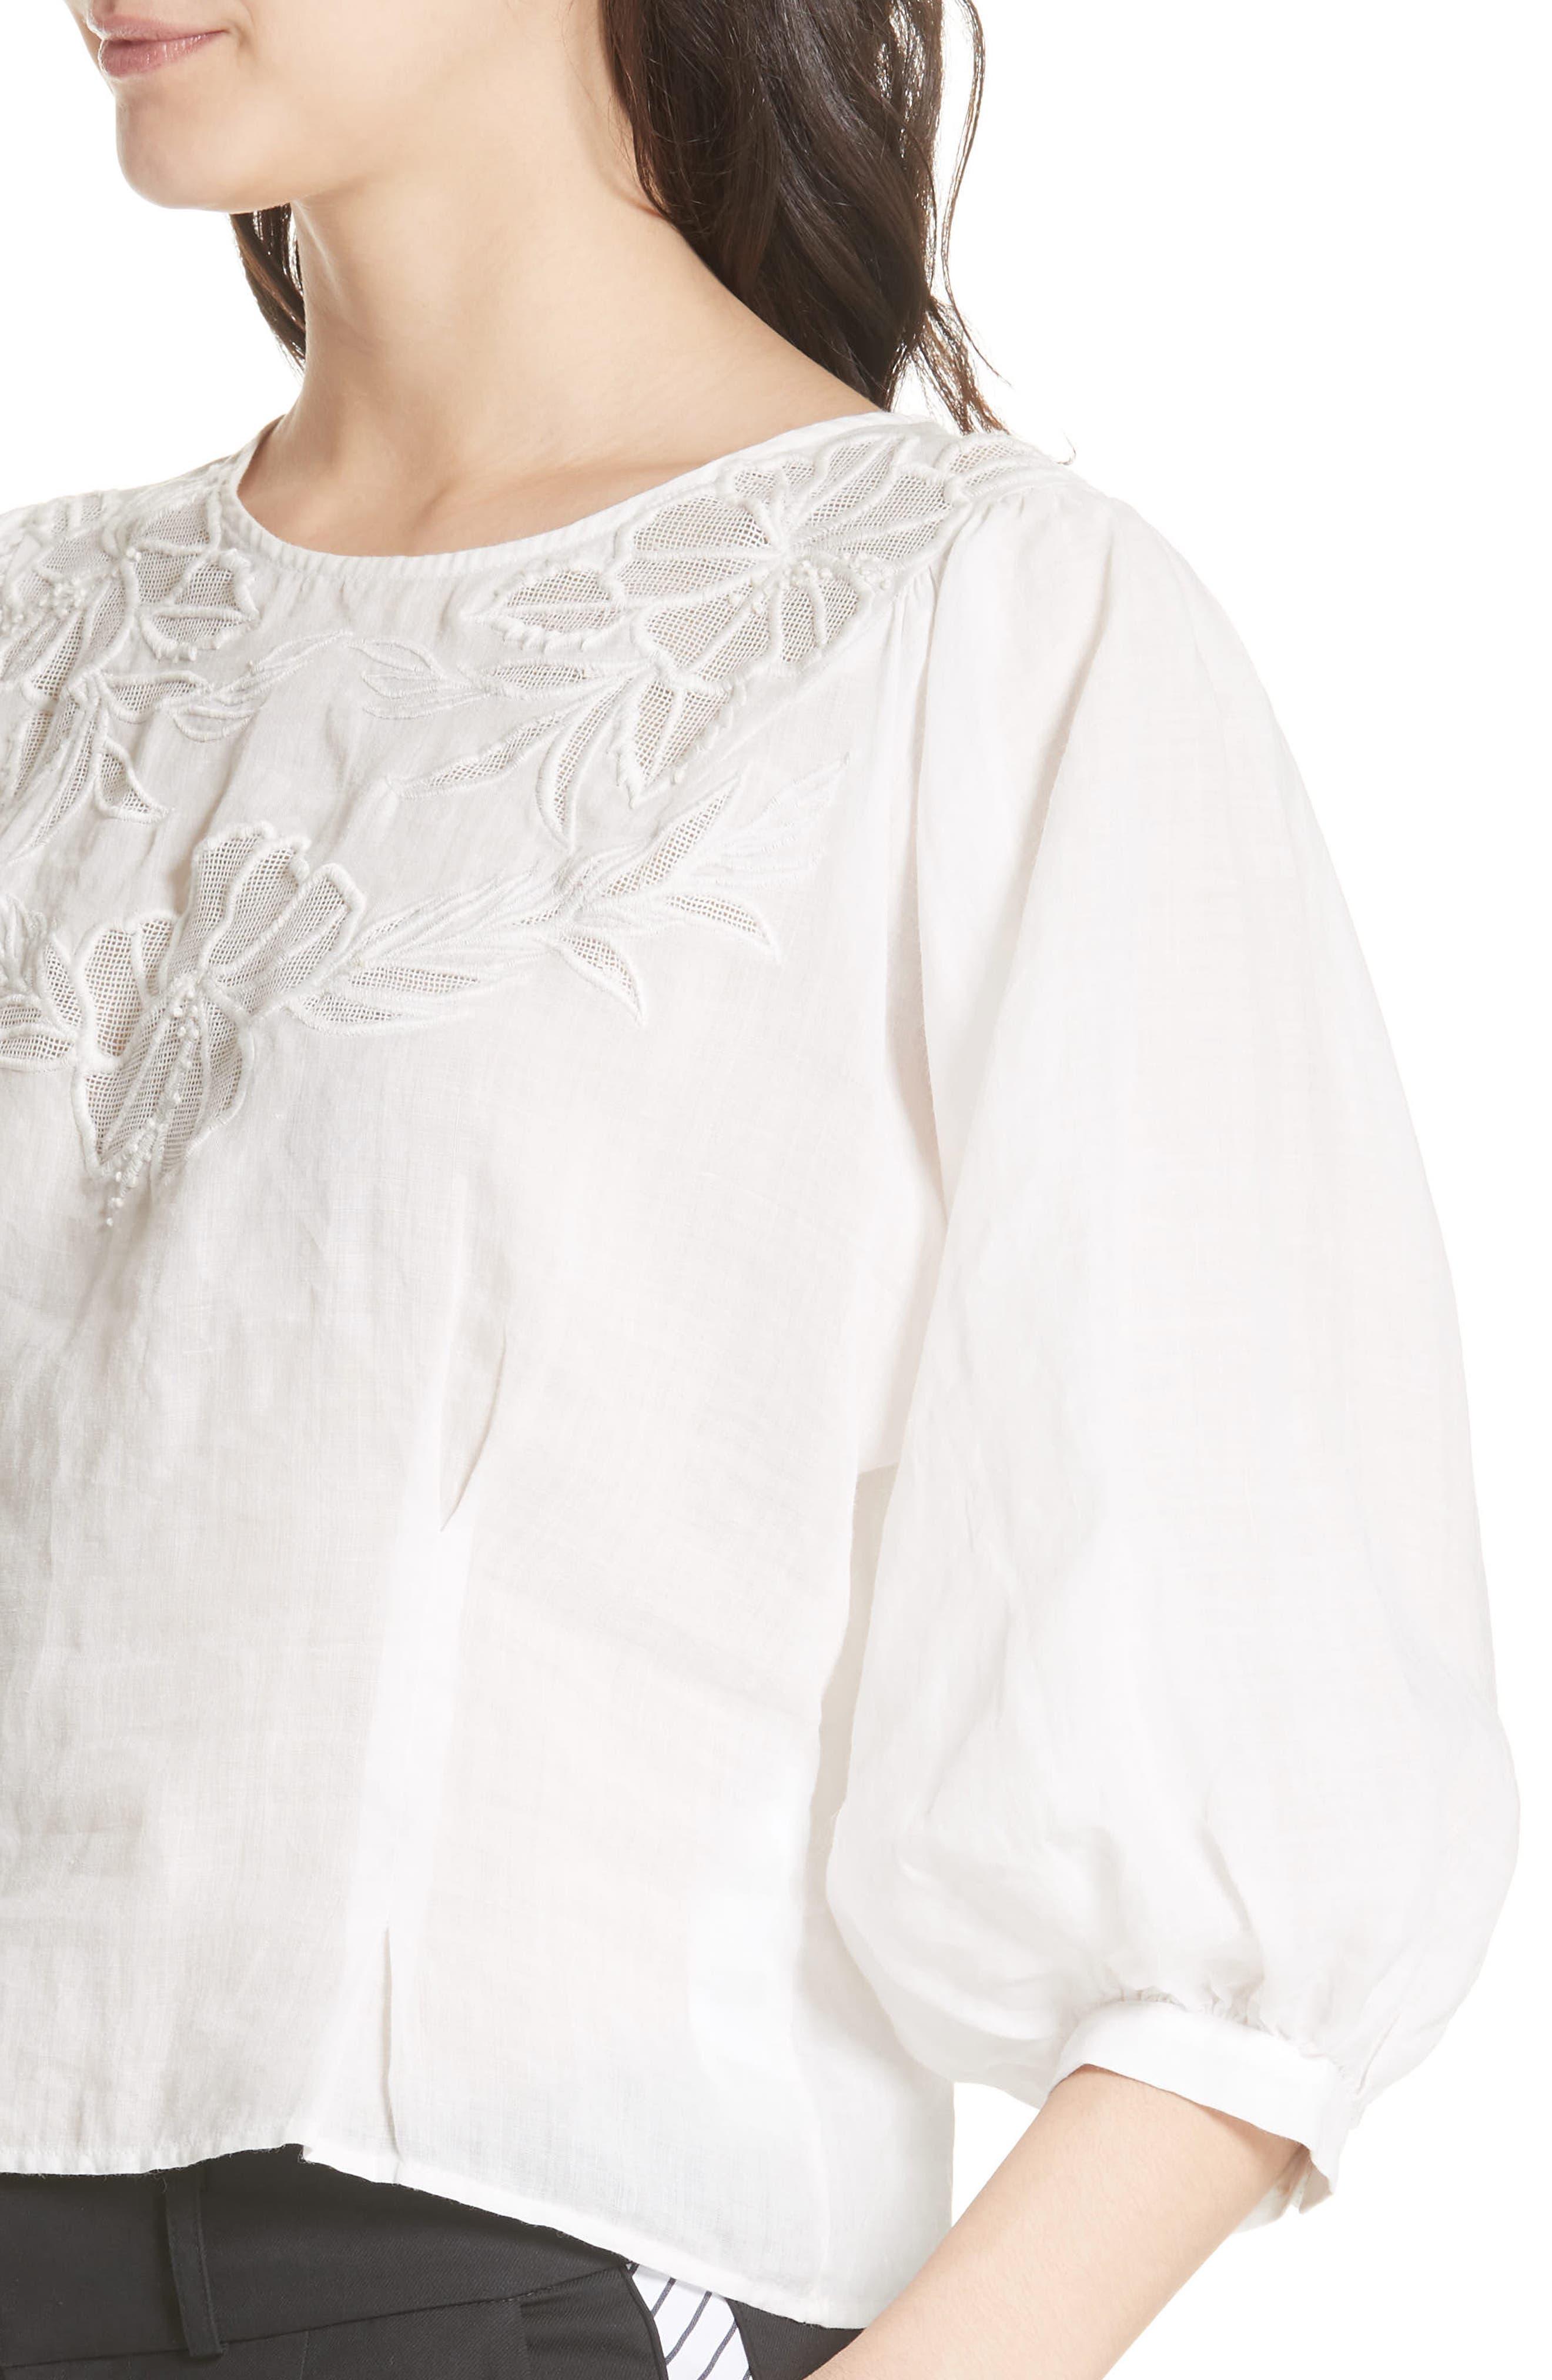 Radeli Bell Sleeve Top,                             Alternate thumbnail 4, color,                             Porcelain